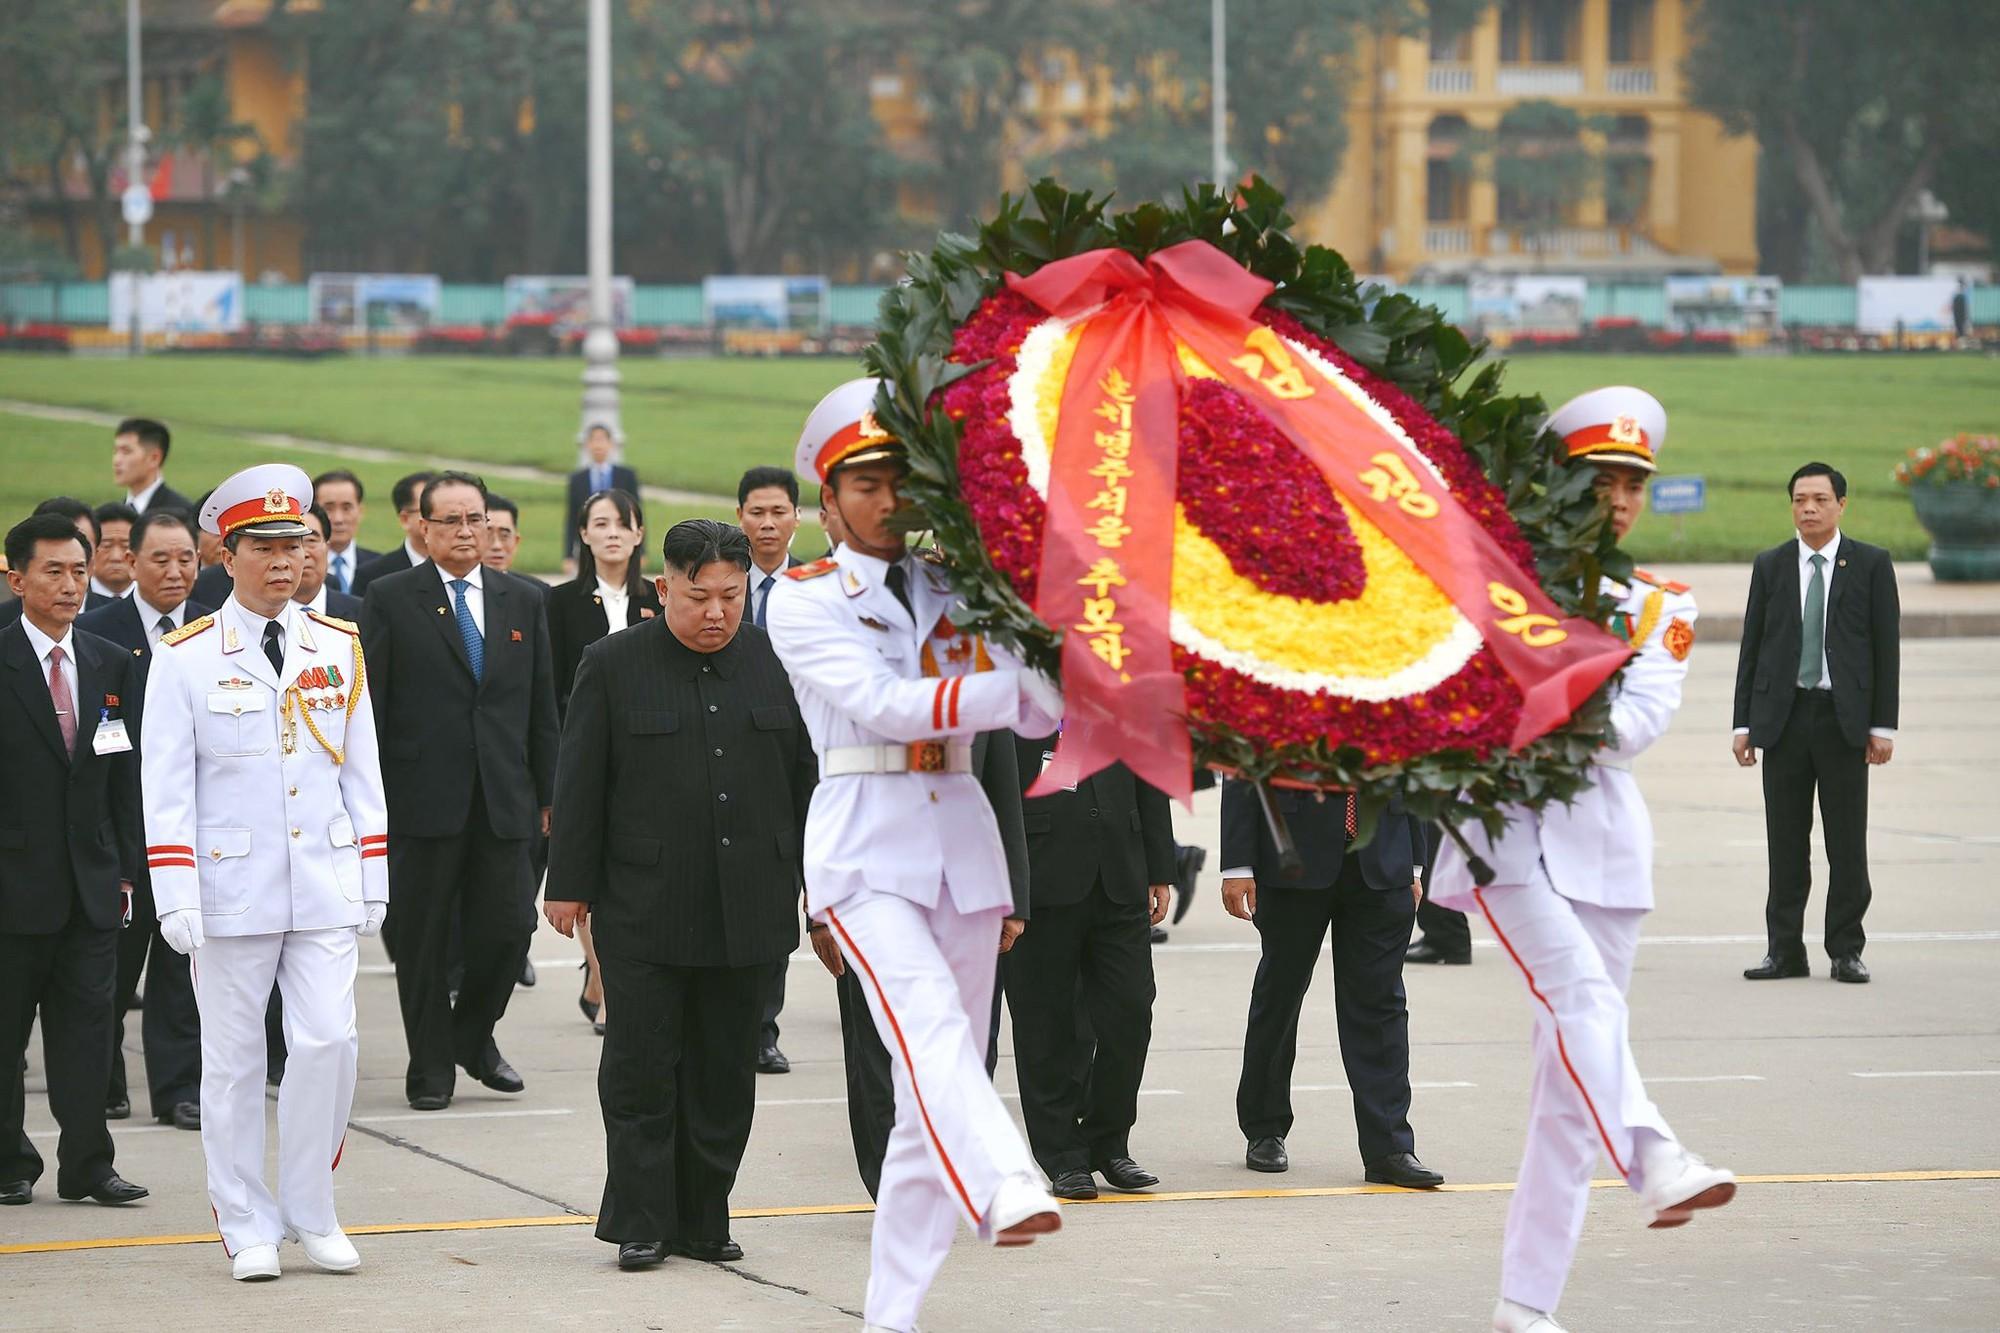 [PHOTO ESSAY] Những khoảnh khắc lịch sử trong chuyến công du Việt Nam đầu tiên của Chủ tịch Kim Jong-un - Ảnh 26.